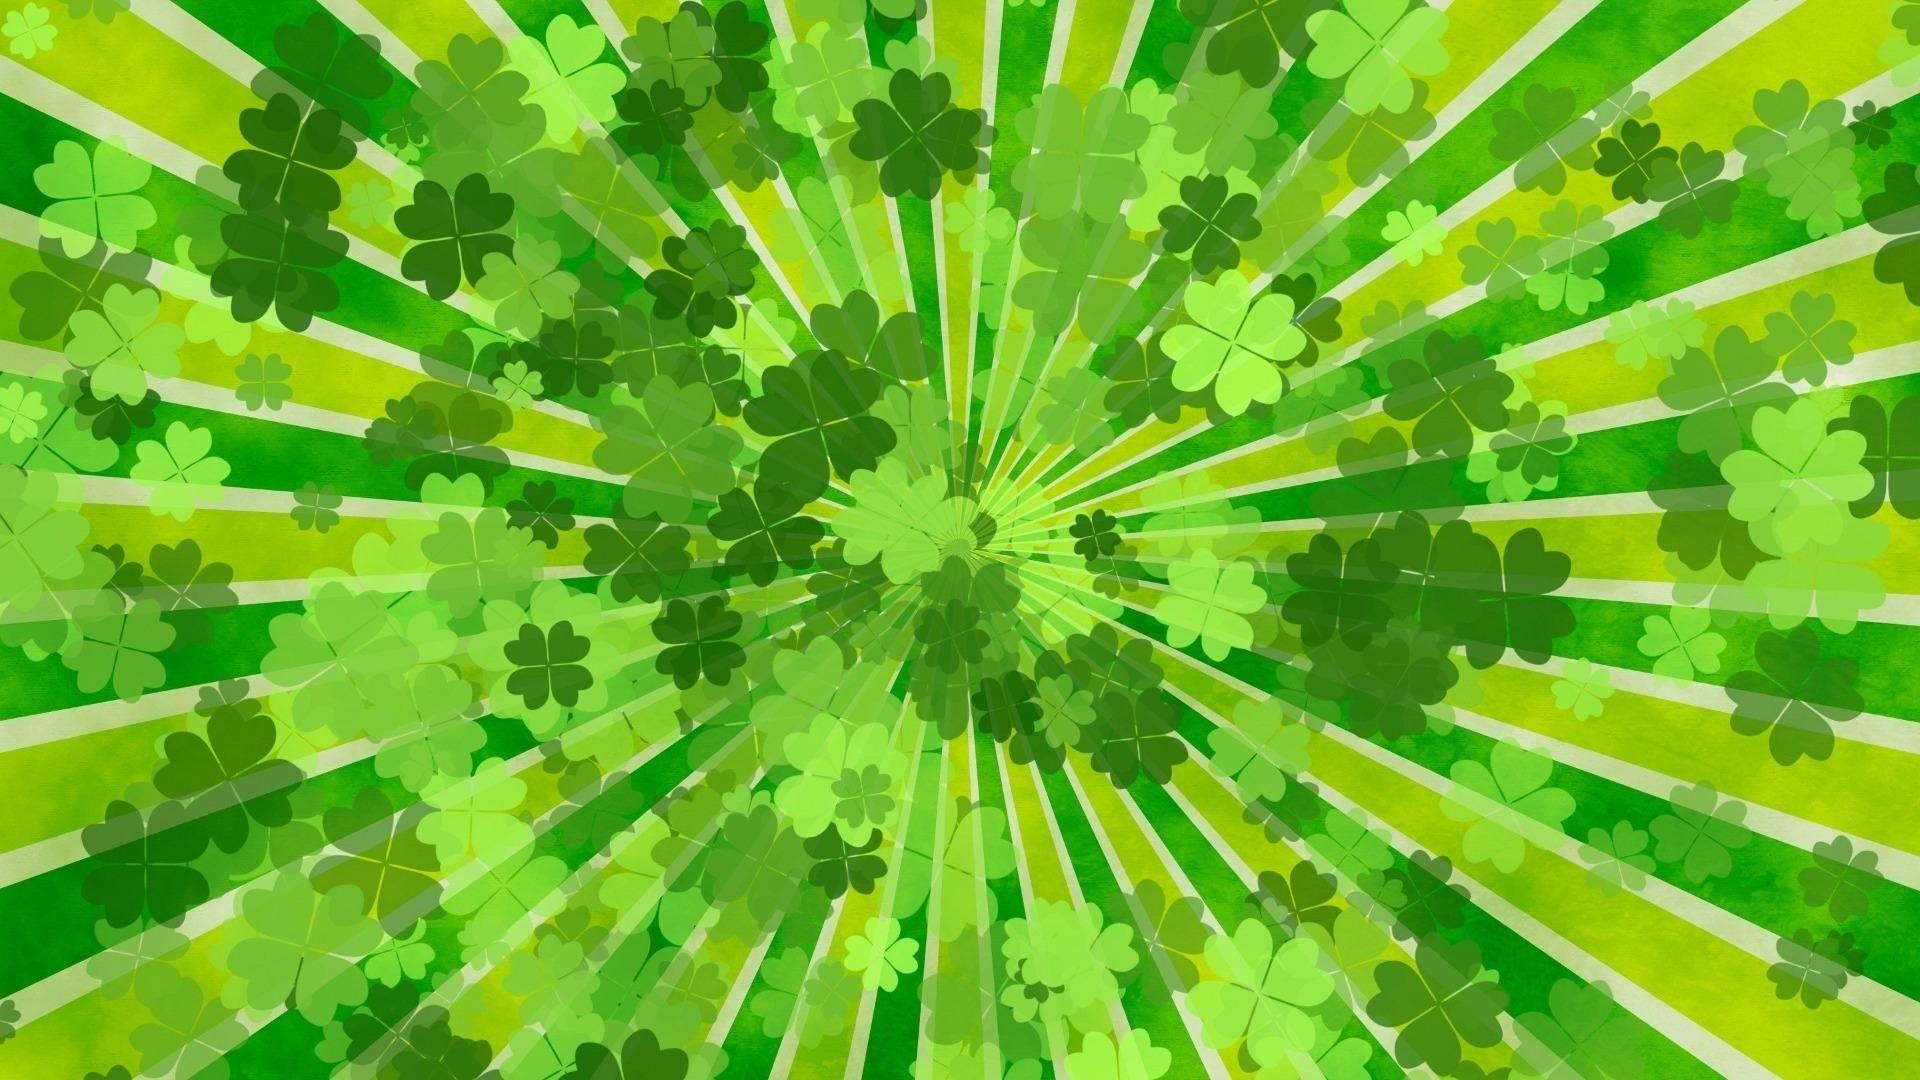 Green Clover wallpaper photo hd